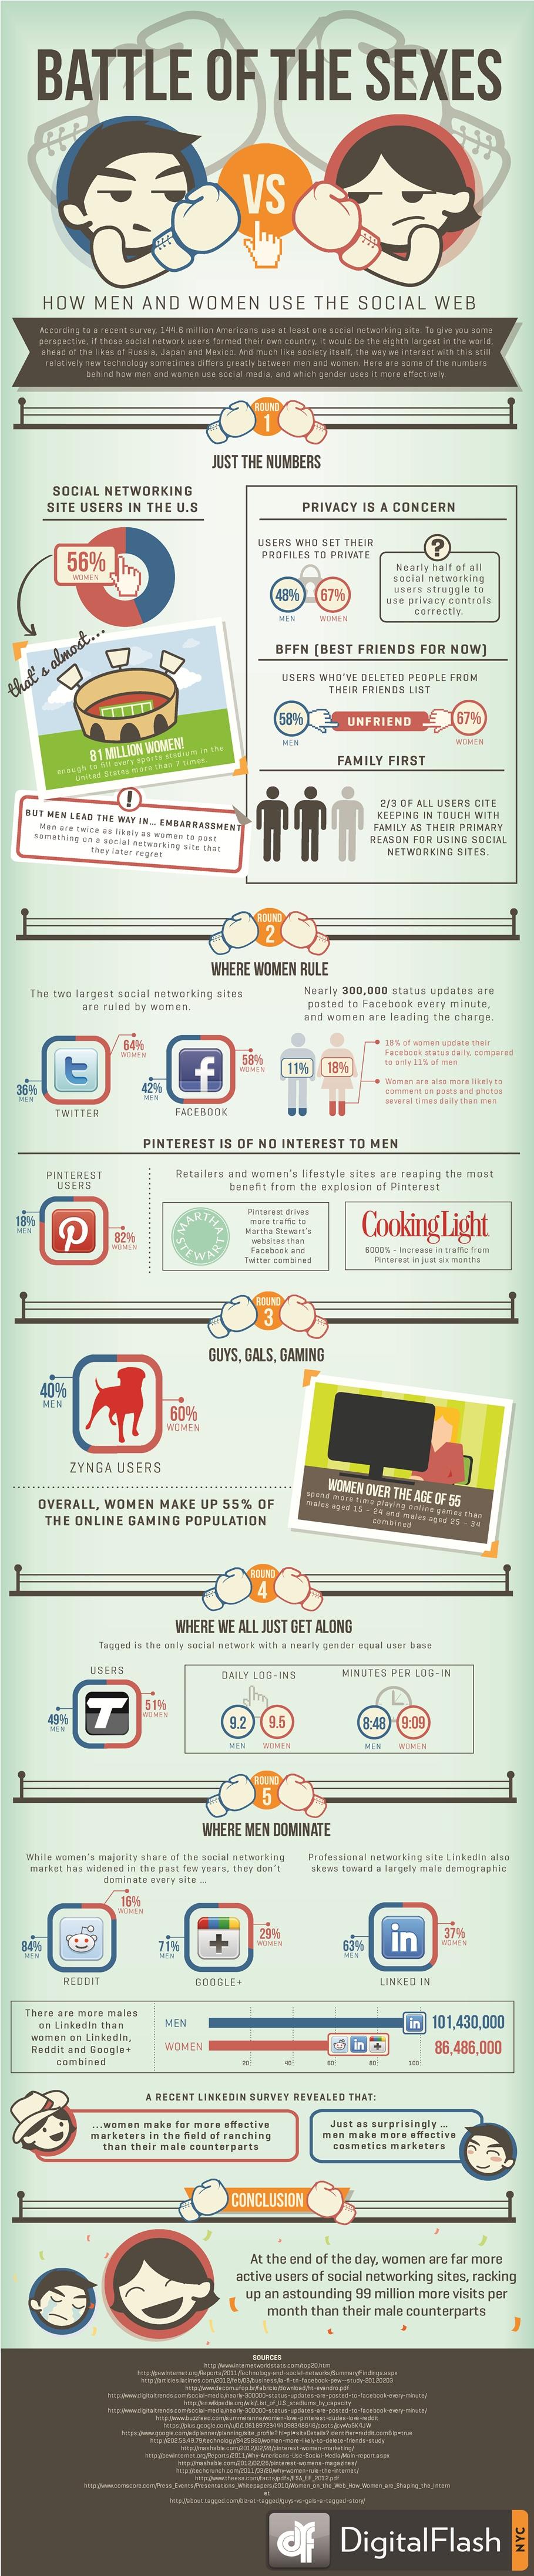 Cómo usan y en qué porcentaje las redes sociales los hombres y las mujeres [Infografía]